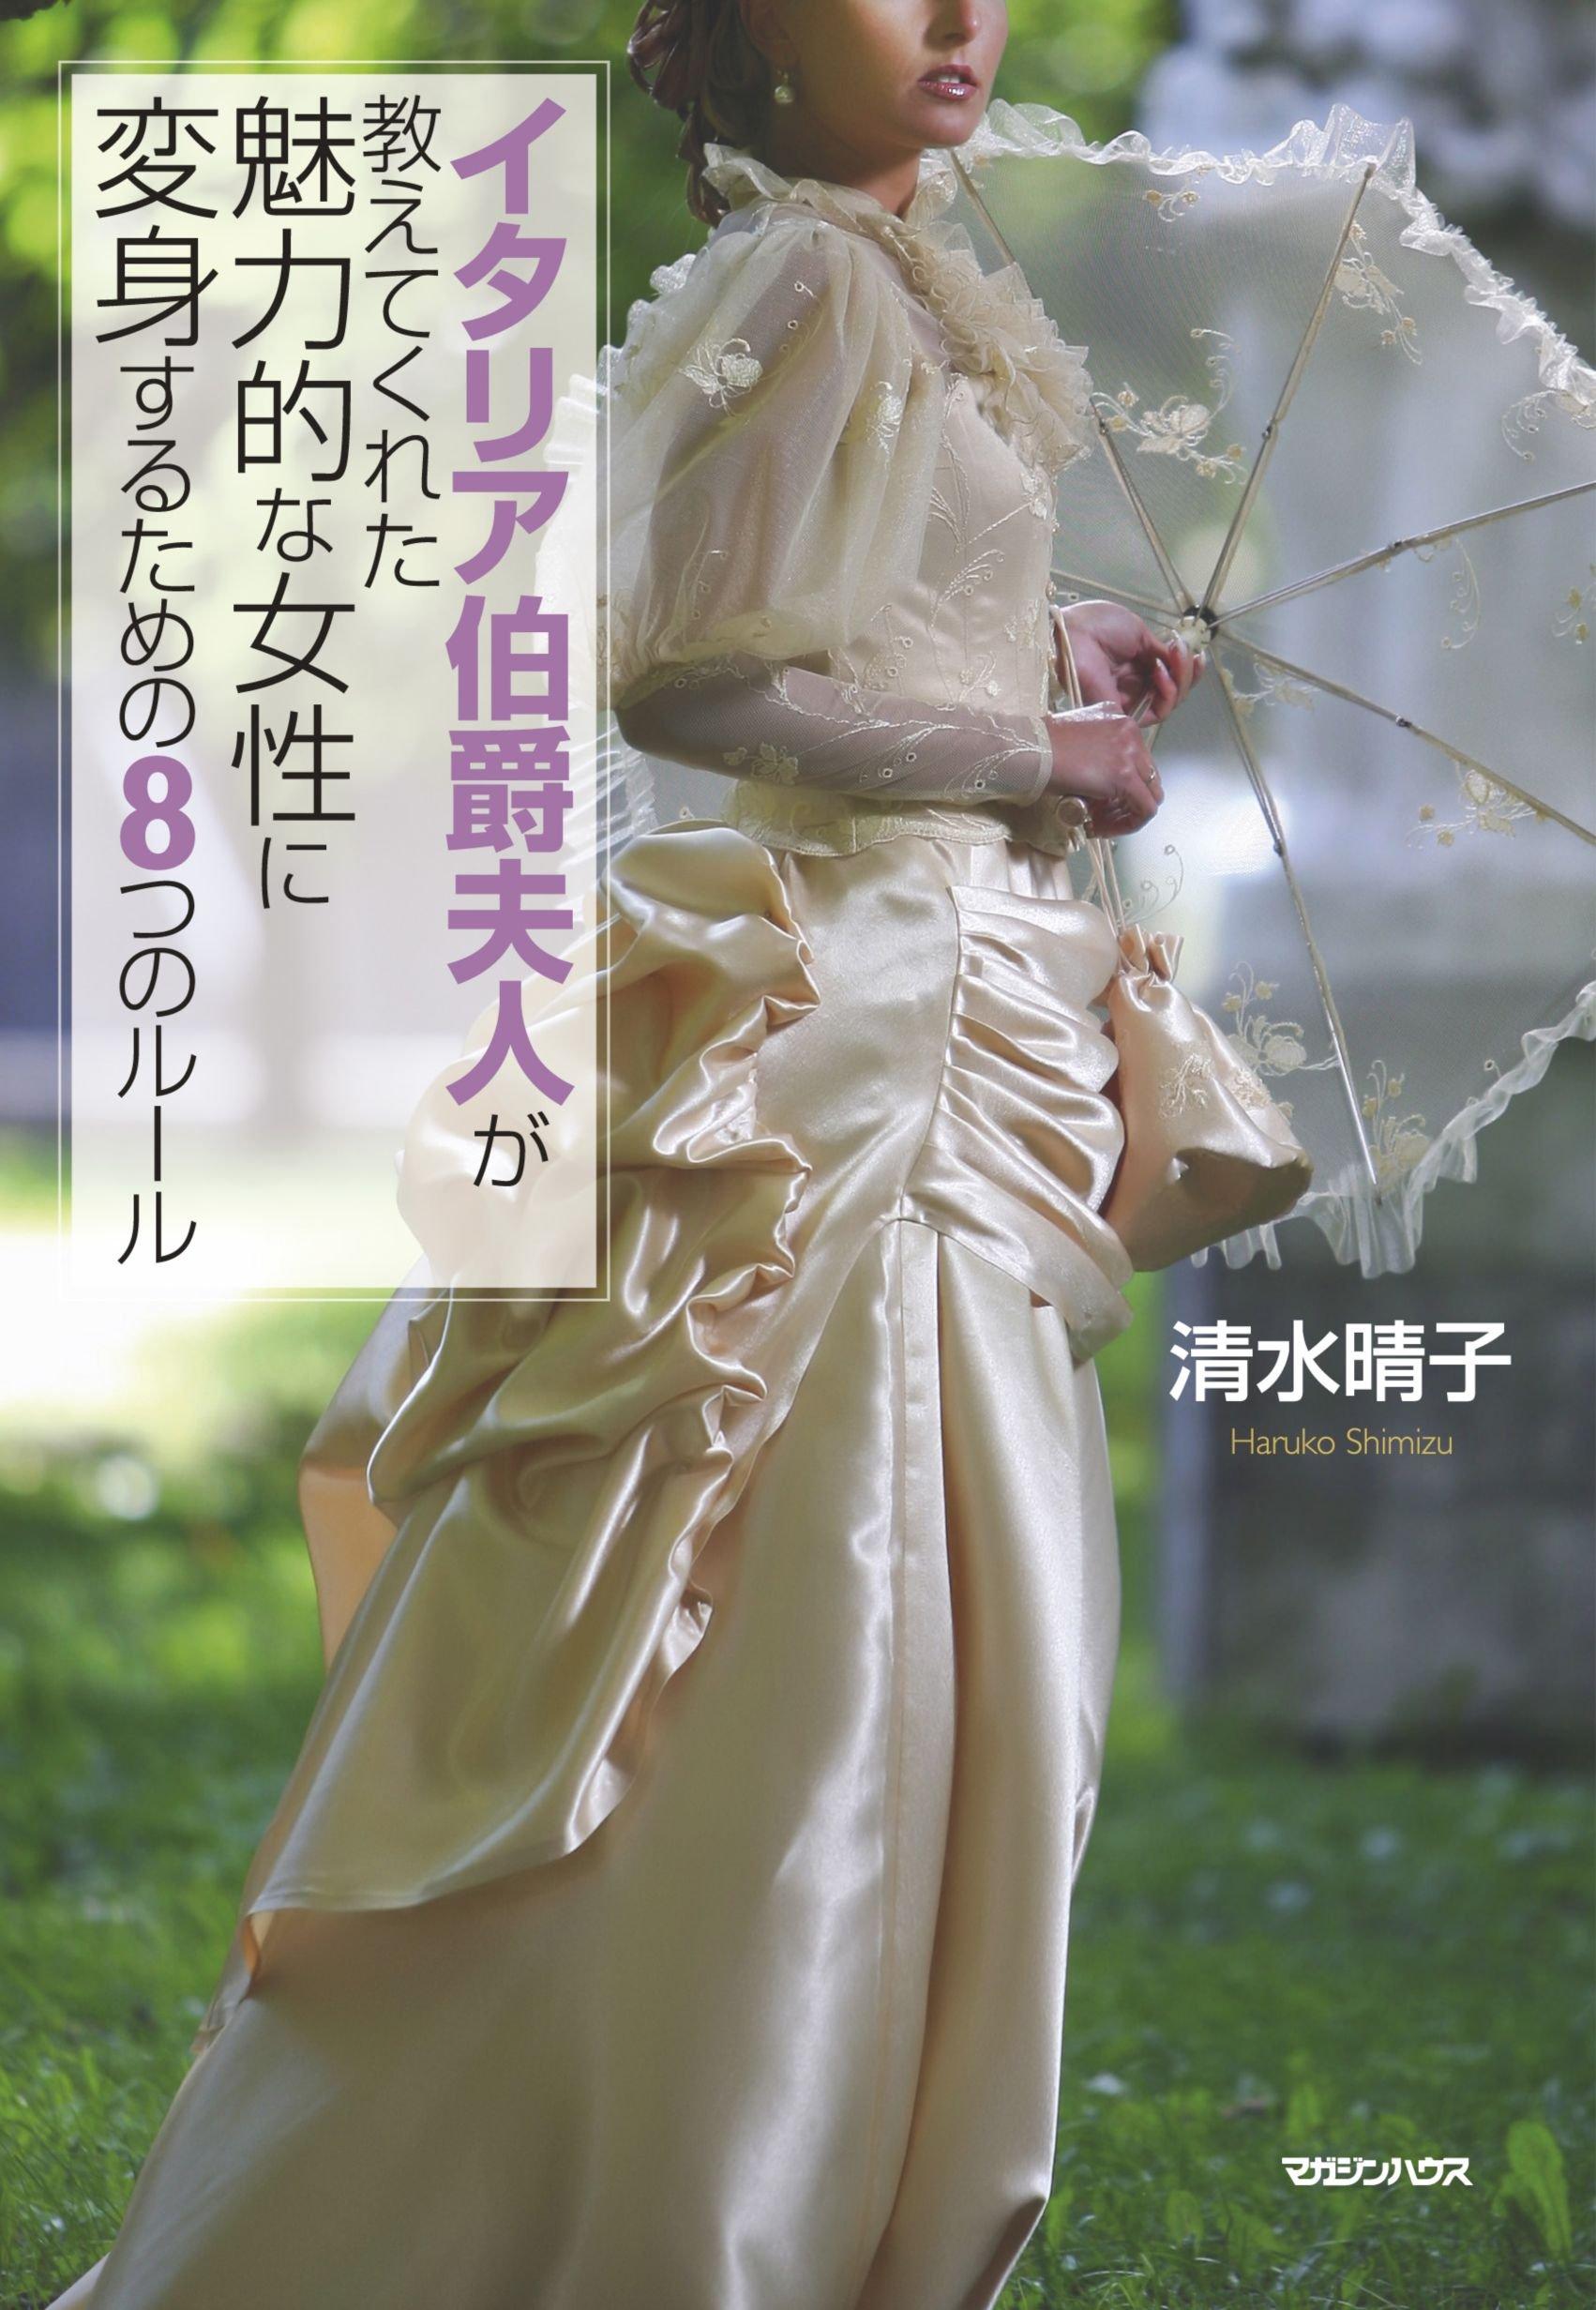 Itaria hakushaku fujin ga oshietekureta miryokutekina josei ni henshinsuru tameno 8tsu no rūru PDF